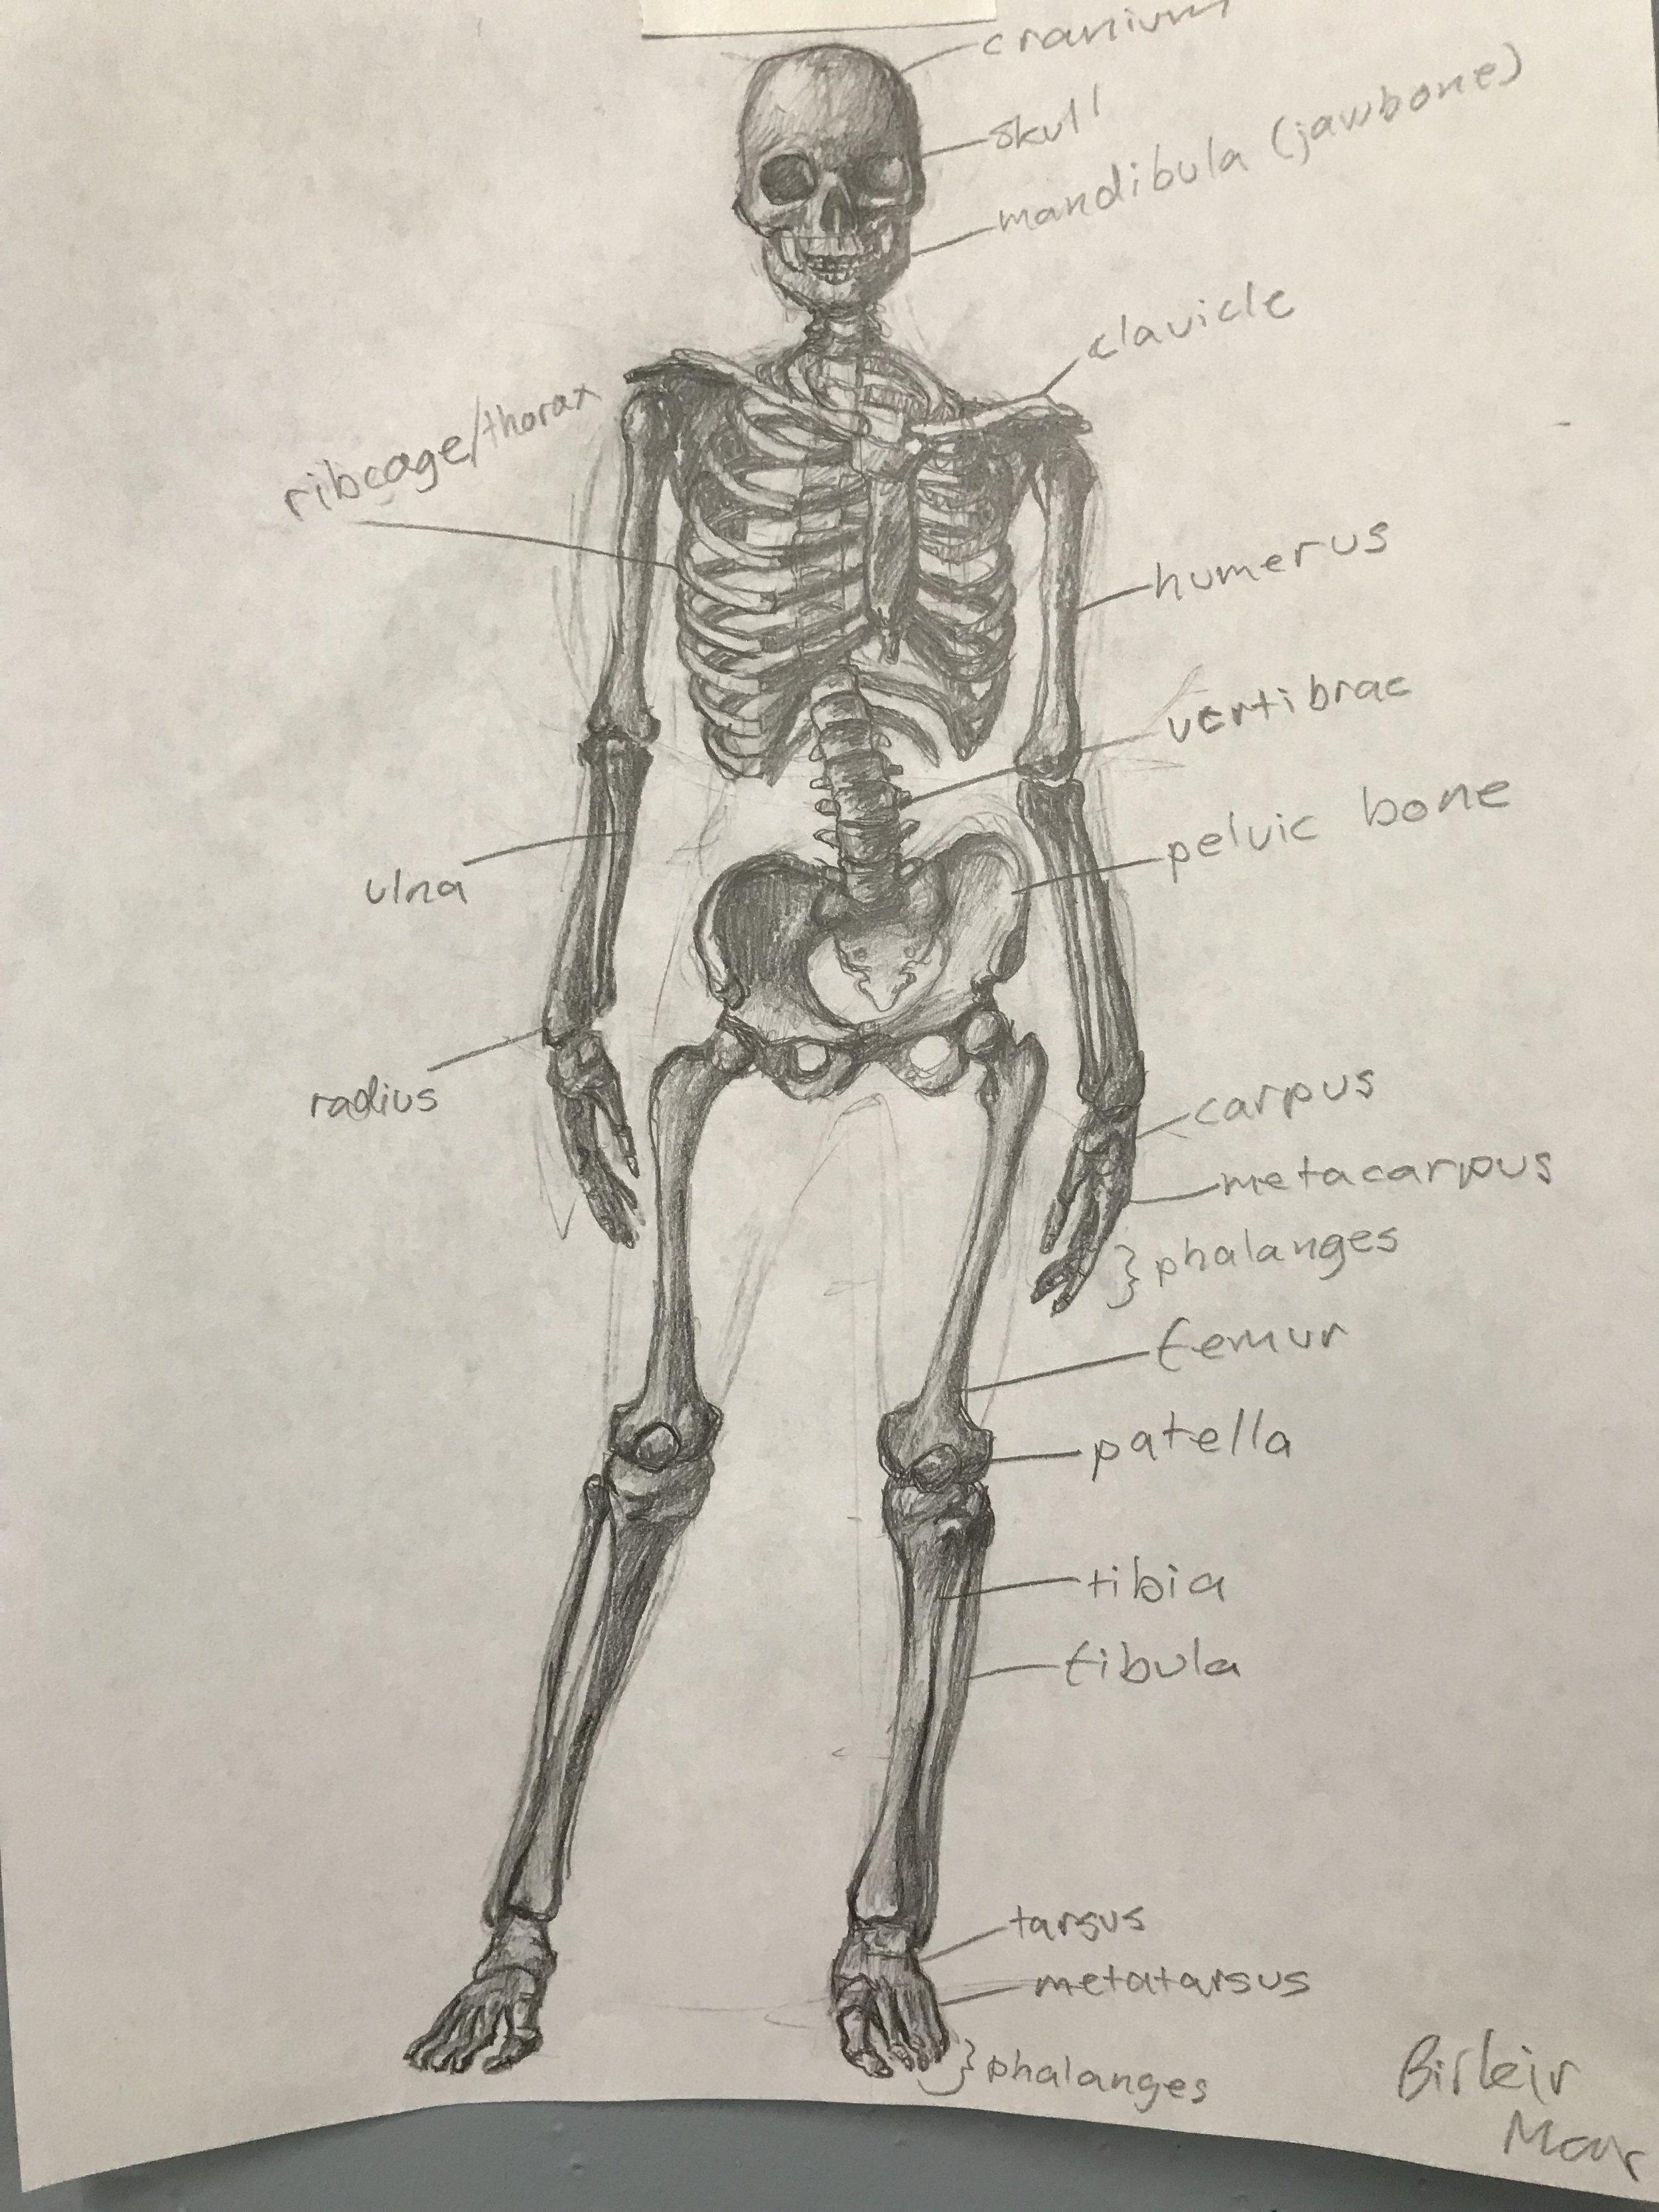 Skeleton by Birkir Hjaltsted, Drawing for Cartoonists 2018 - 2019